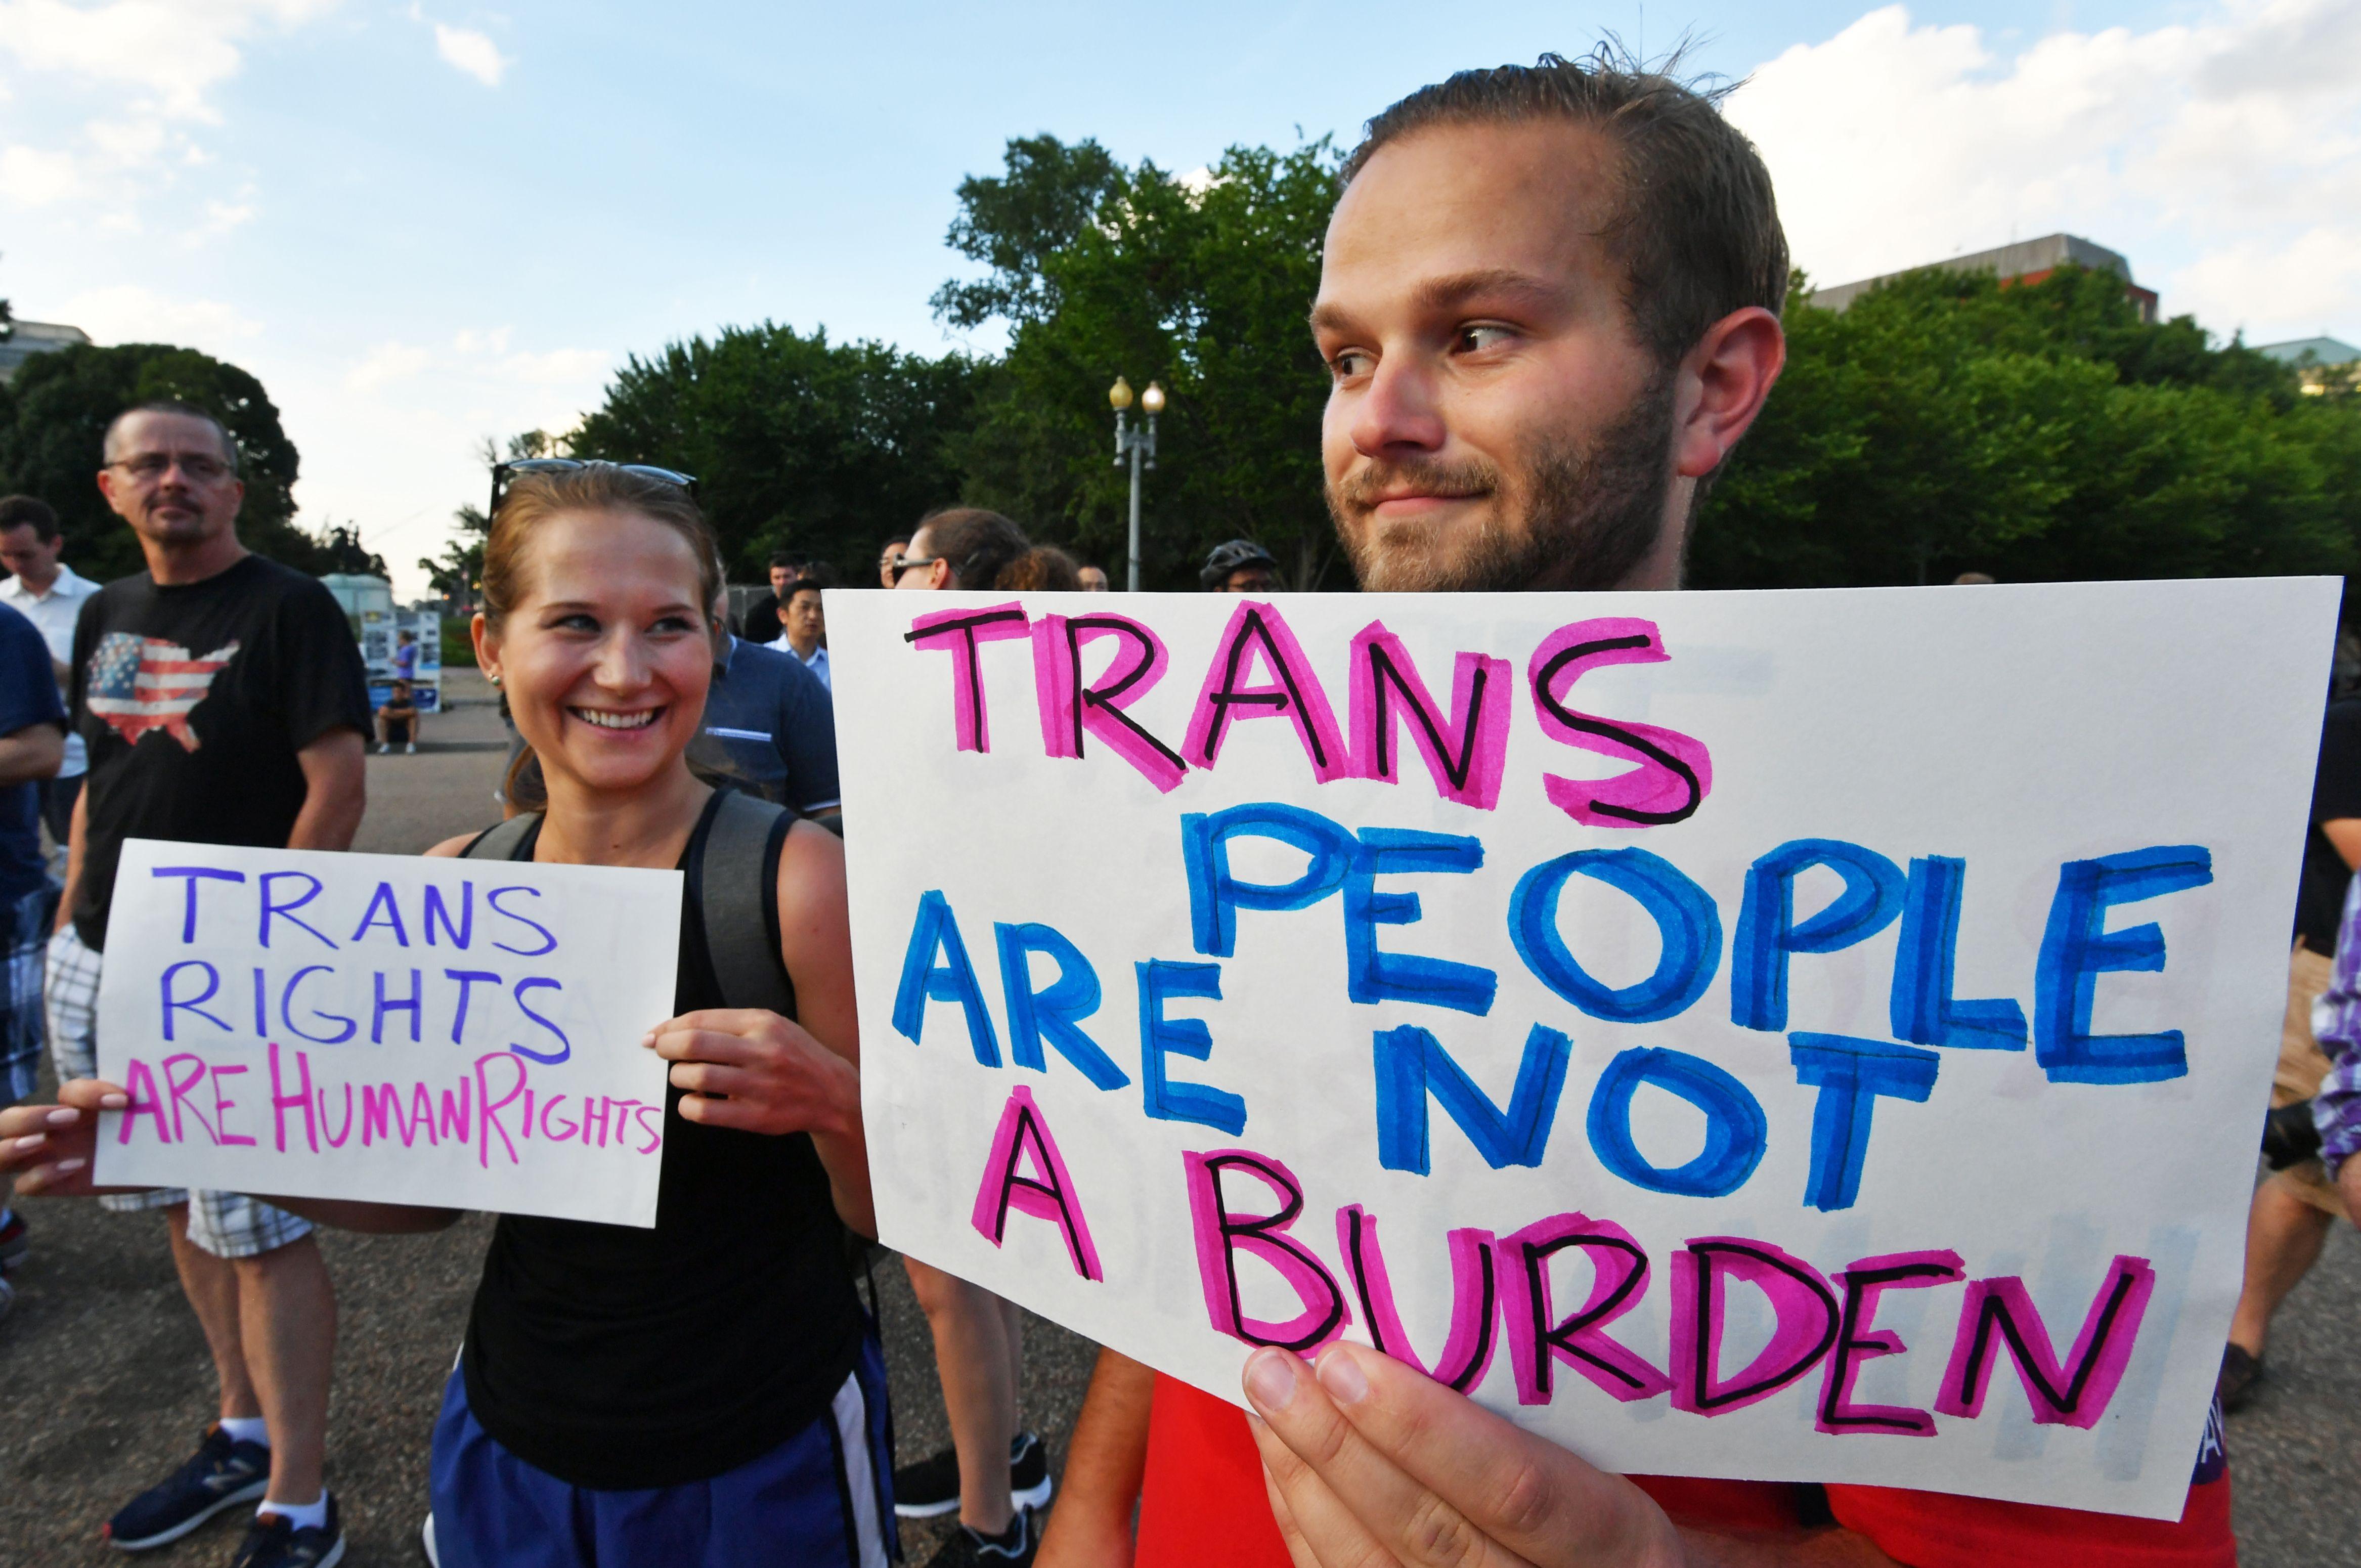 Joe Biden anula la prohibición de Trump de que personas transgénero sirvan en las Fuerzas Armadas